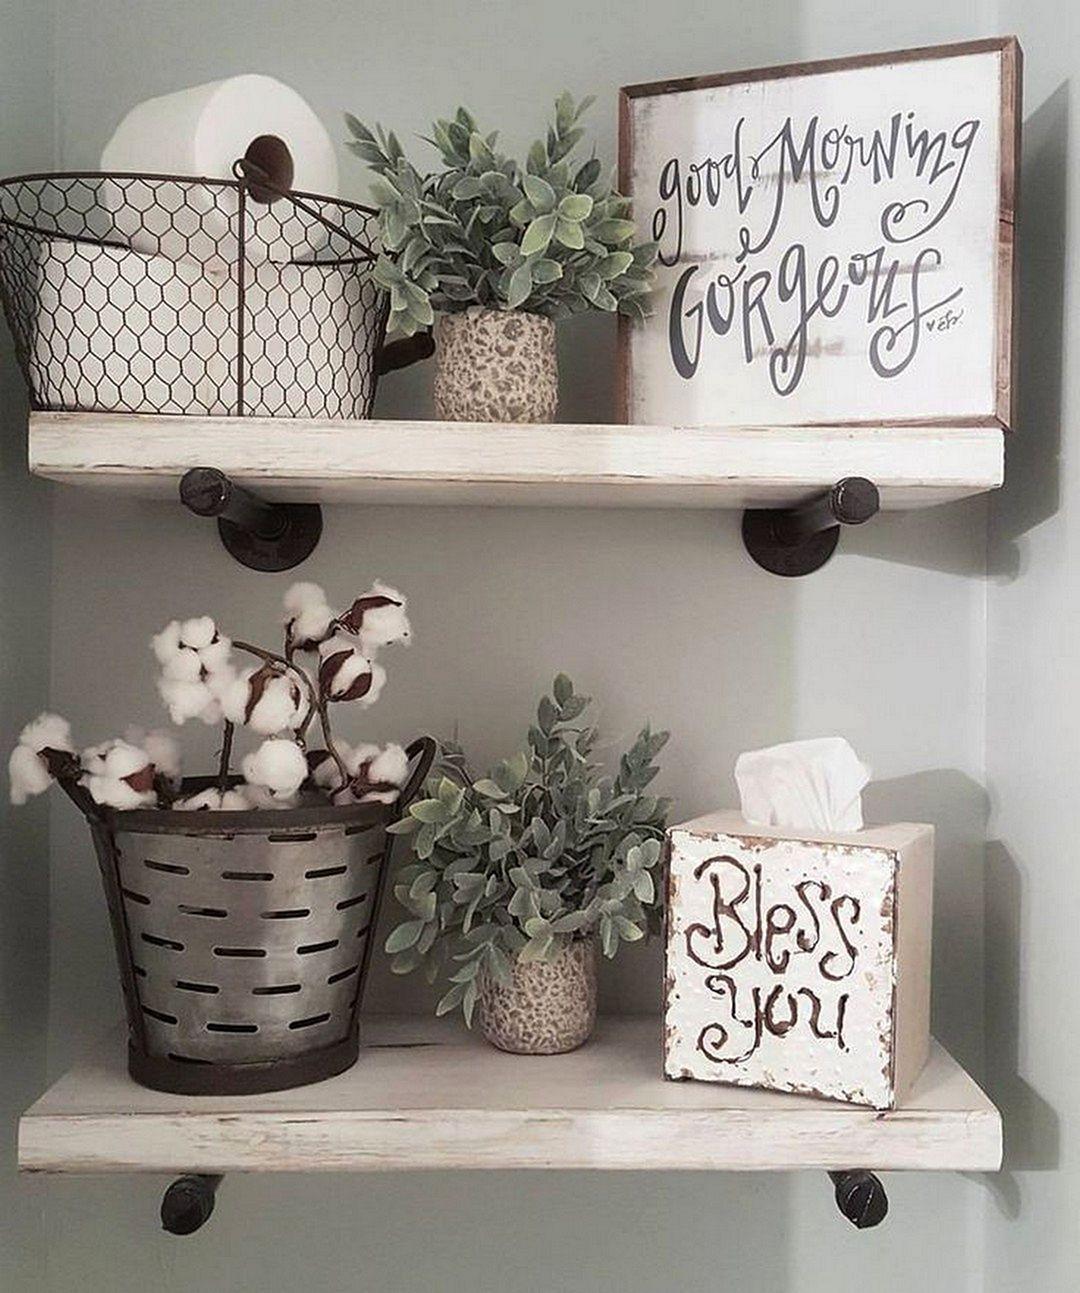 Badezimmer ideen bauernhaus pin von b rose auf bathroom in   pinterest  badezimmer haus